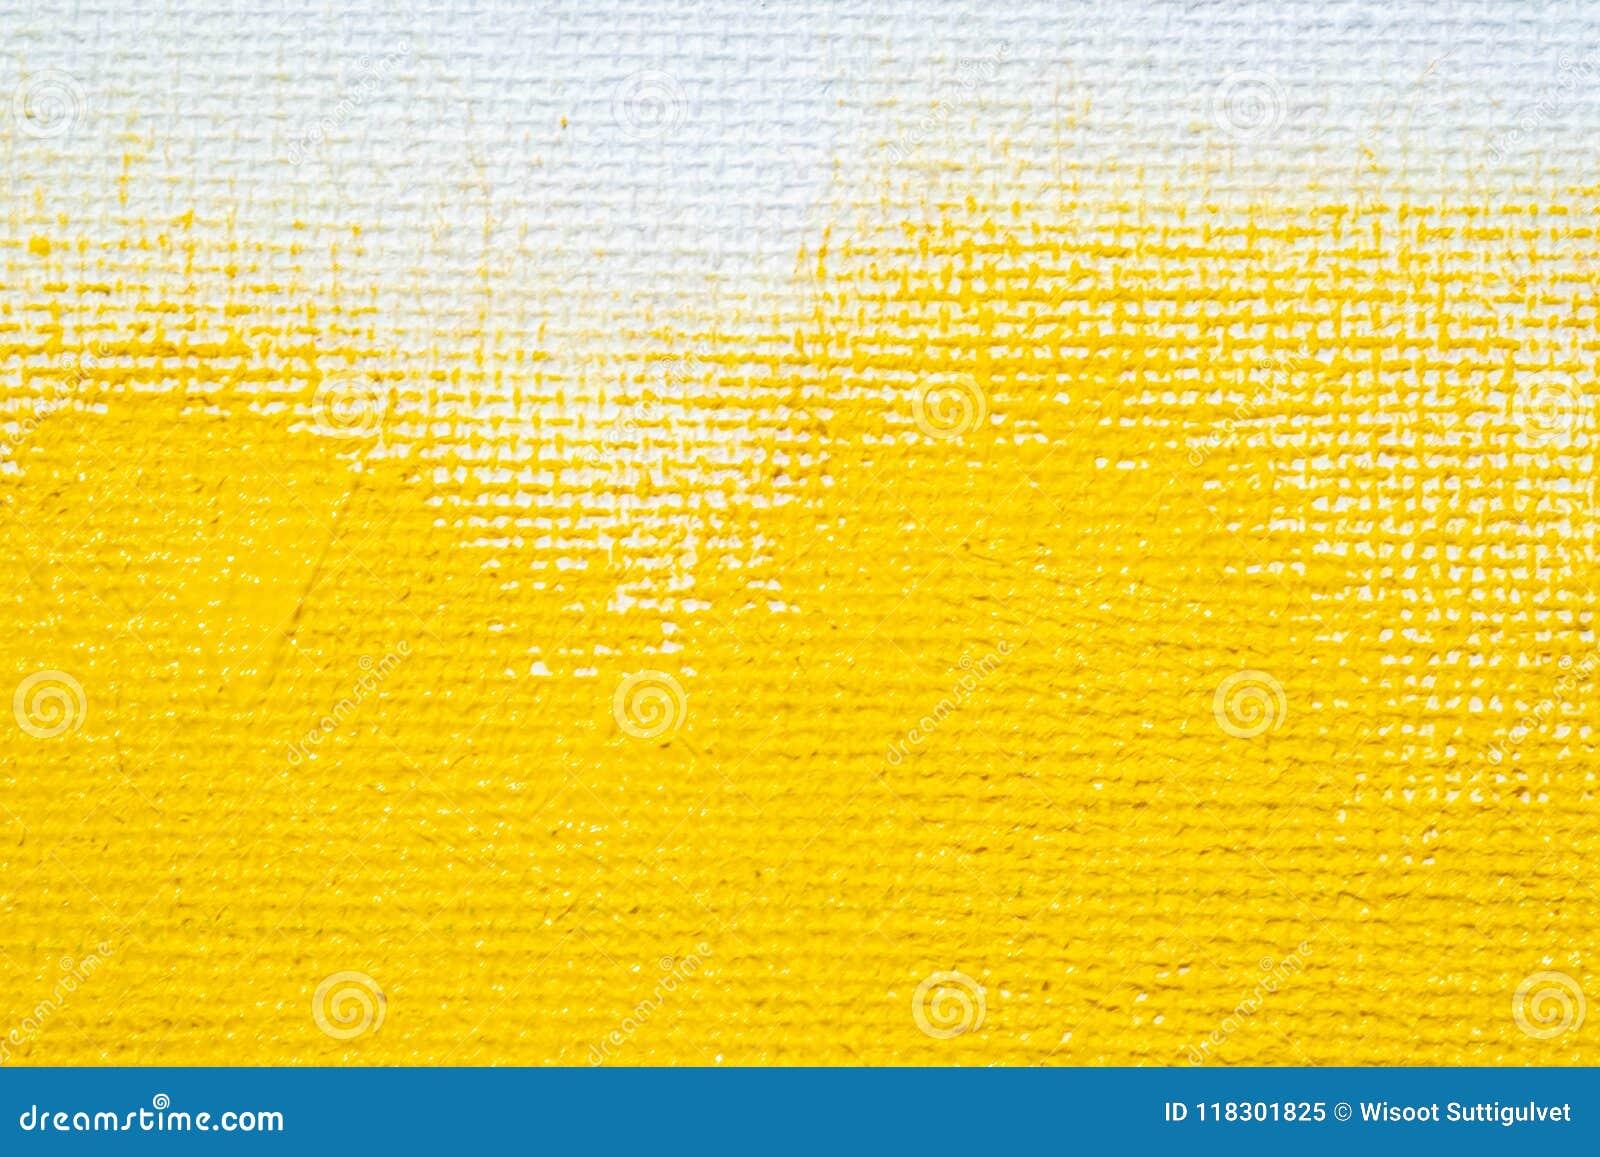 El color blanco del amarillo de la frontera del grunge del fondo amarillo abstracto con la lona blanca afila, textura del fondo d